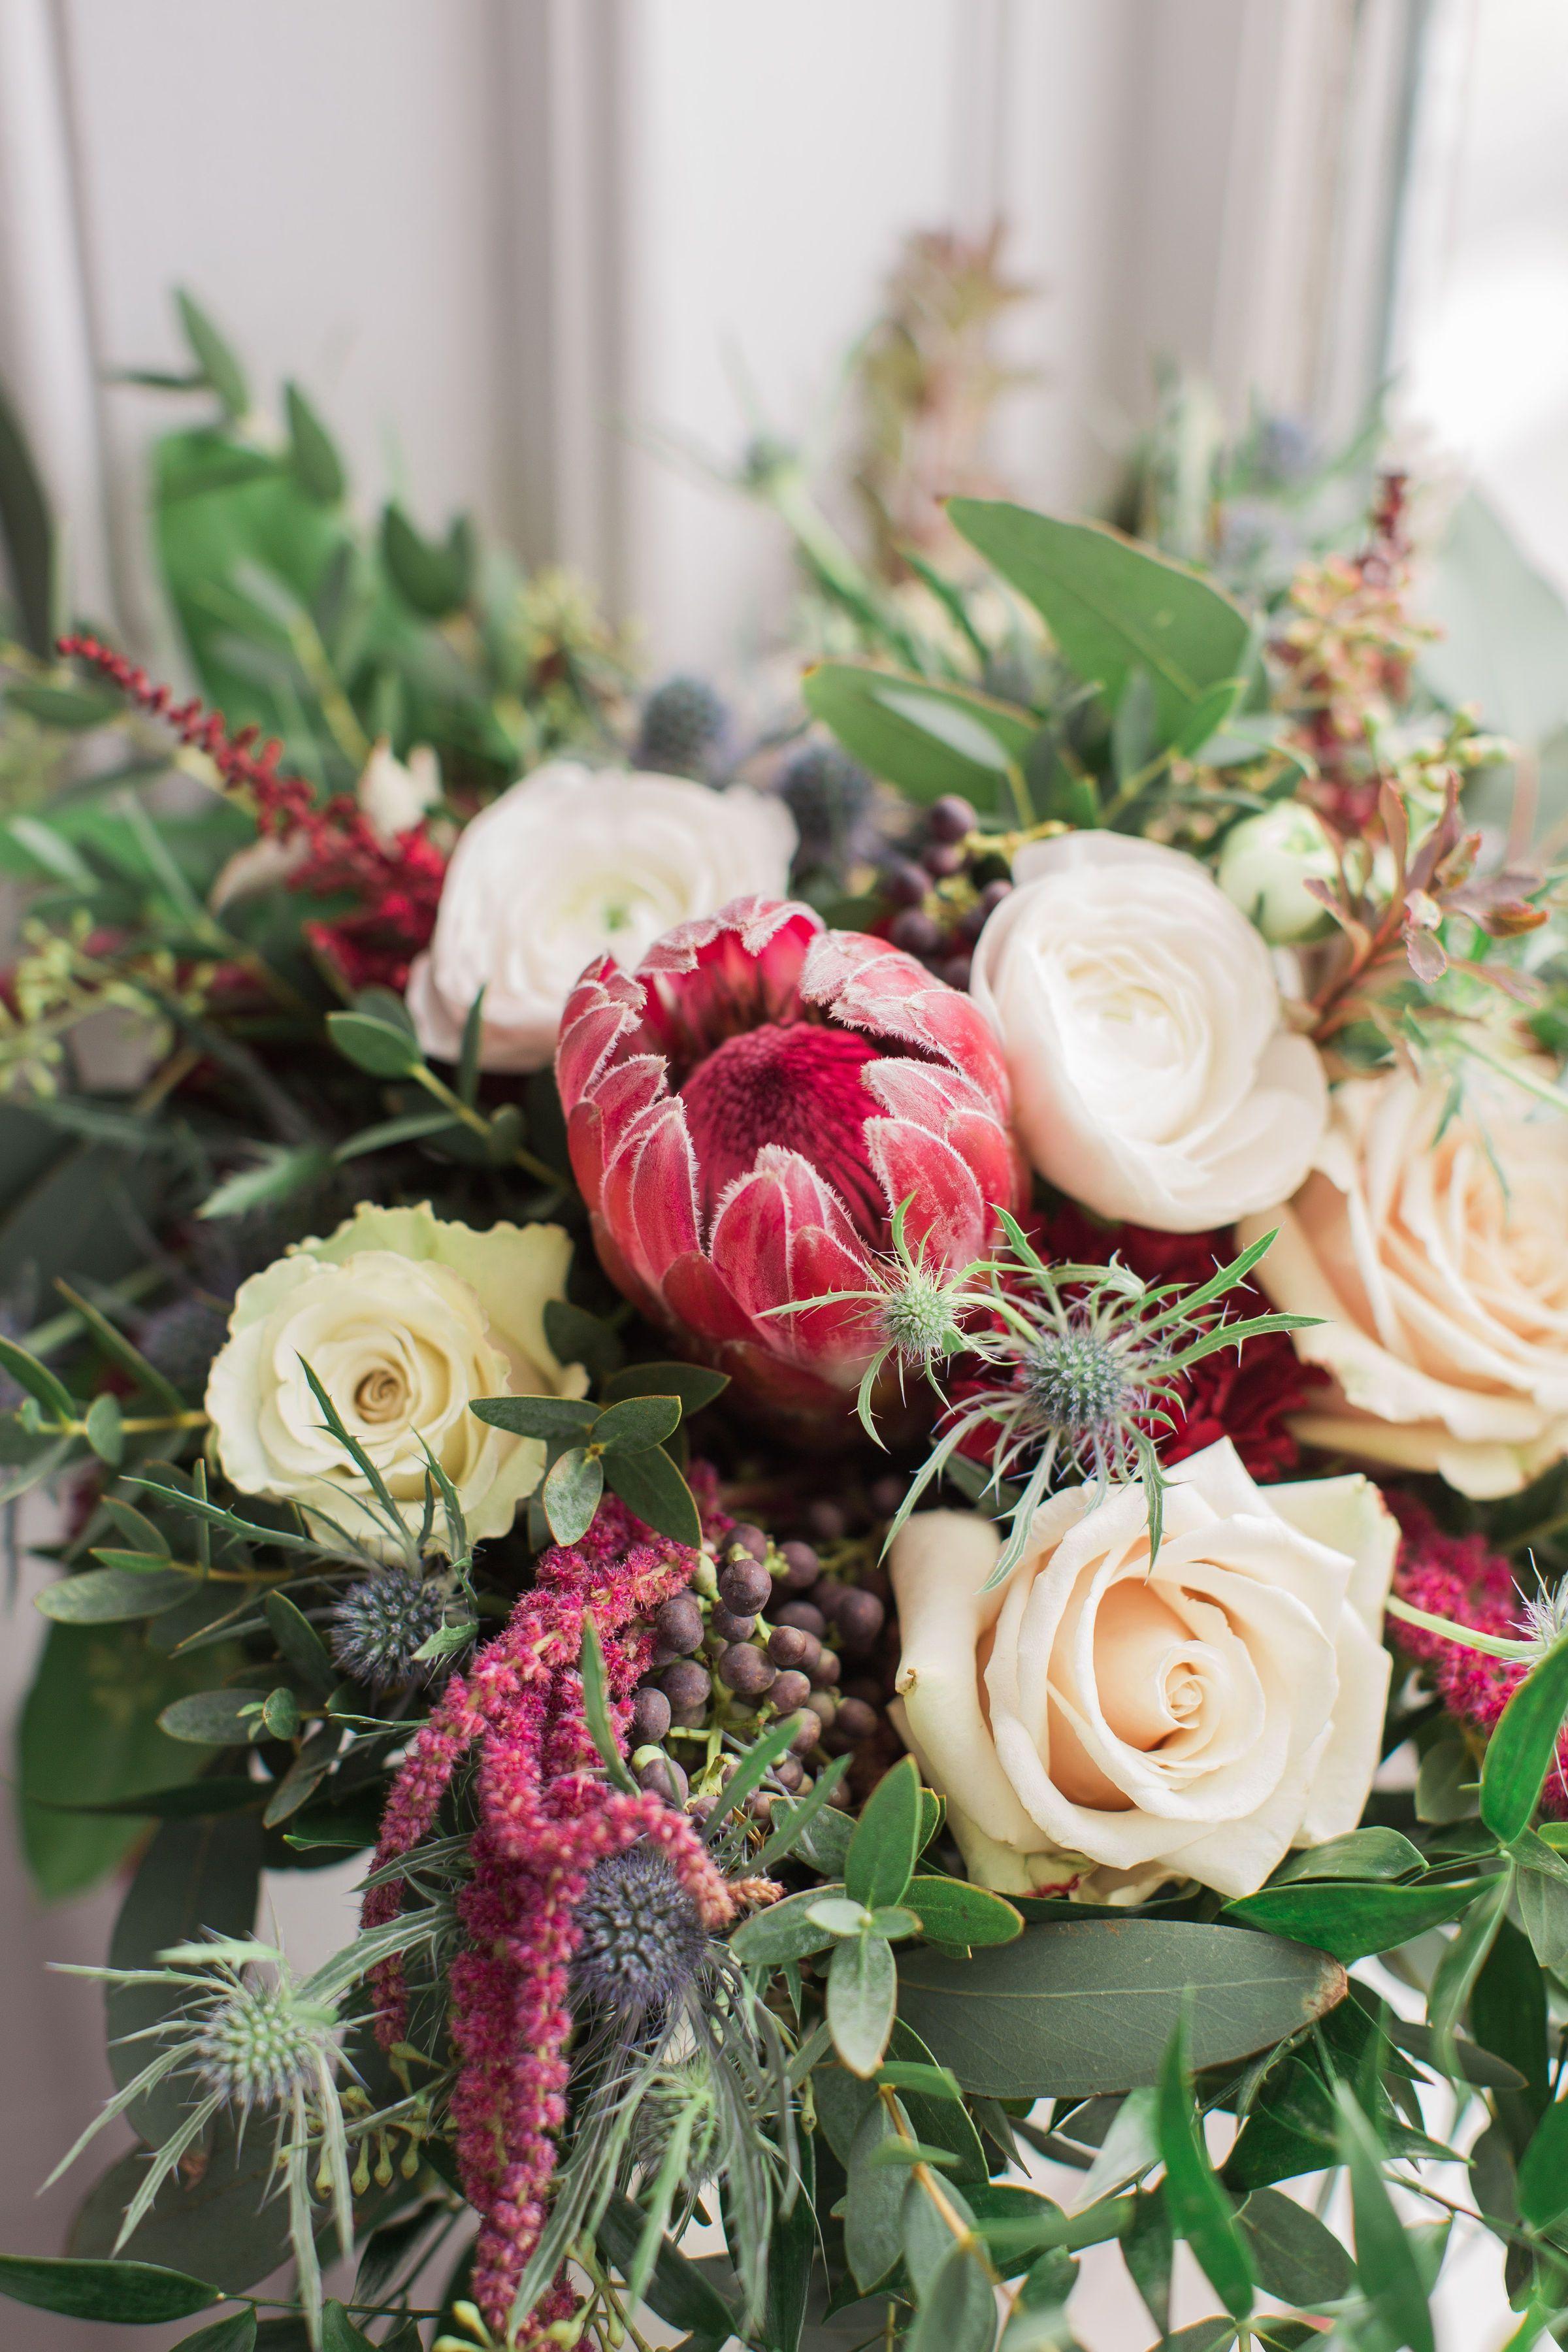 Aquatopia Conservatory Unique Wedding Venue Greenhouse Ottawa Canada Brittany Lee Photography Rose Bridal Bouquet Bridal Bouquet Fall Bridal Bouquet